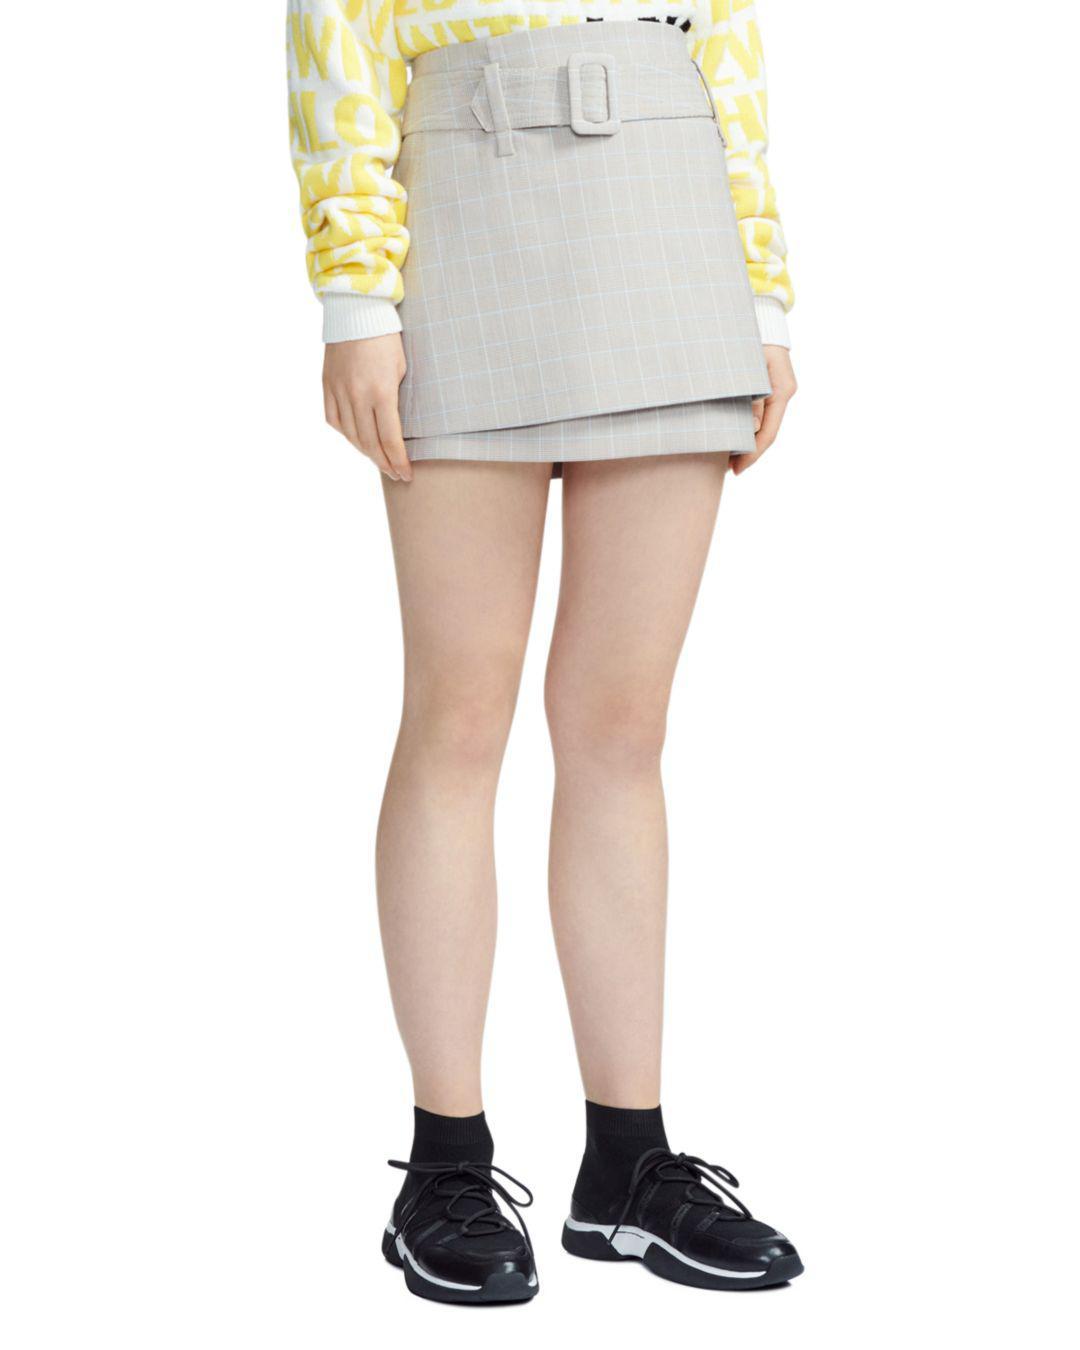 96c14bccbc Maje. Women's Jikam Mini Skirt